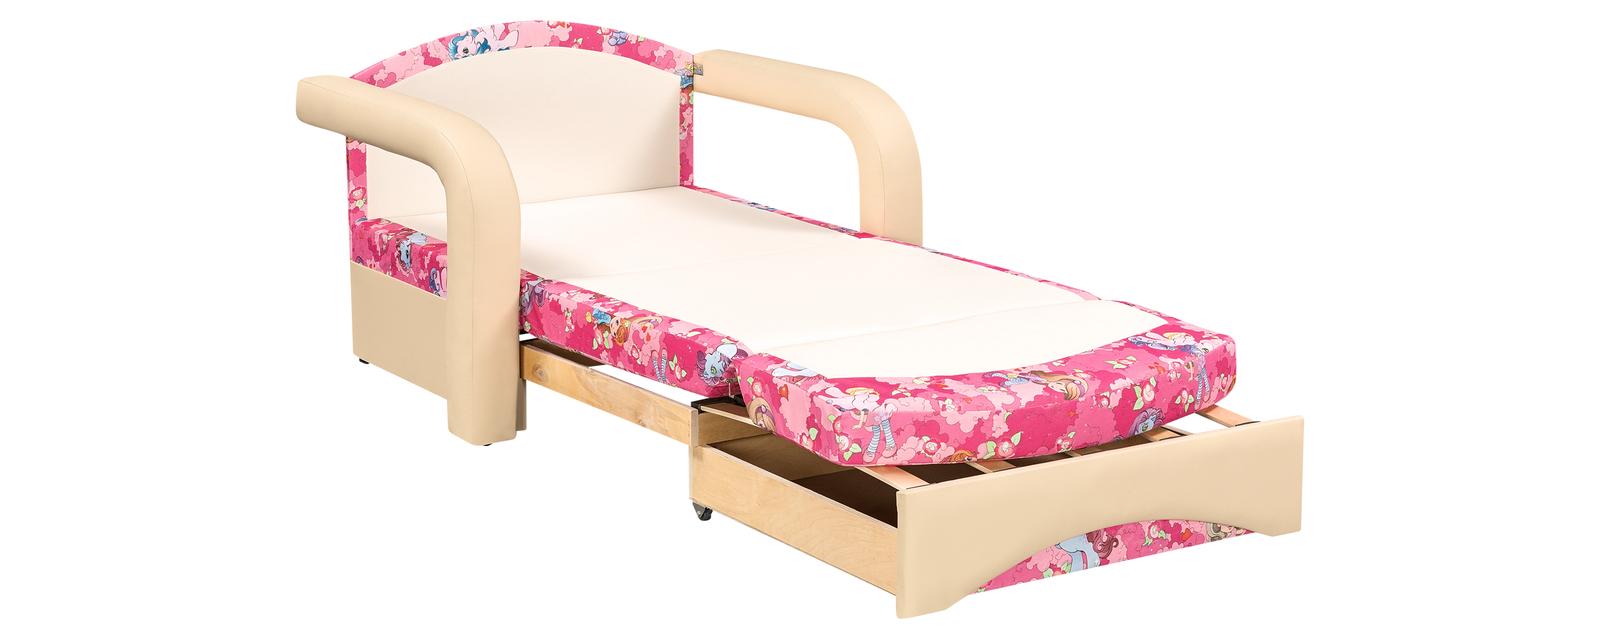 Кресло тканевое Эдем Pony розовый (Микровелюр + Экокожа) от HomeMe.ru